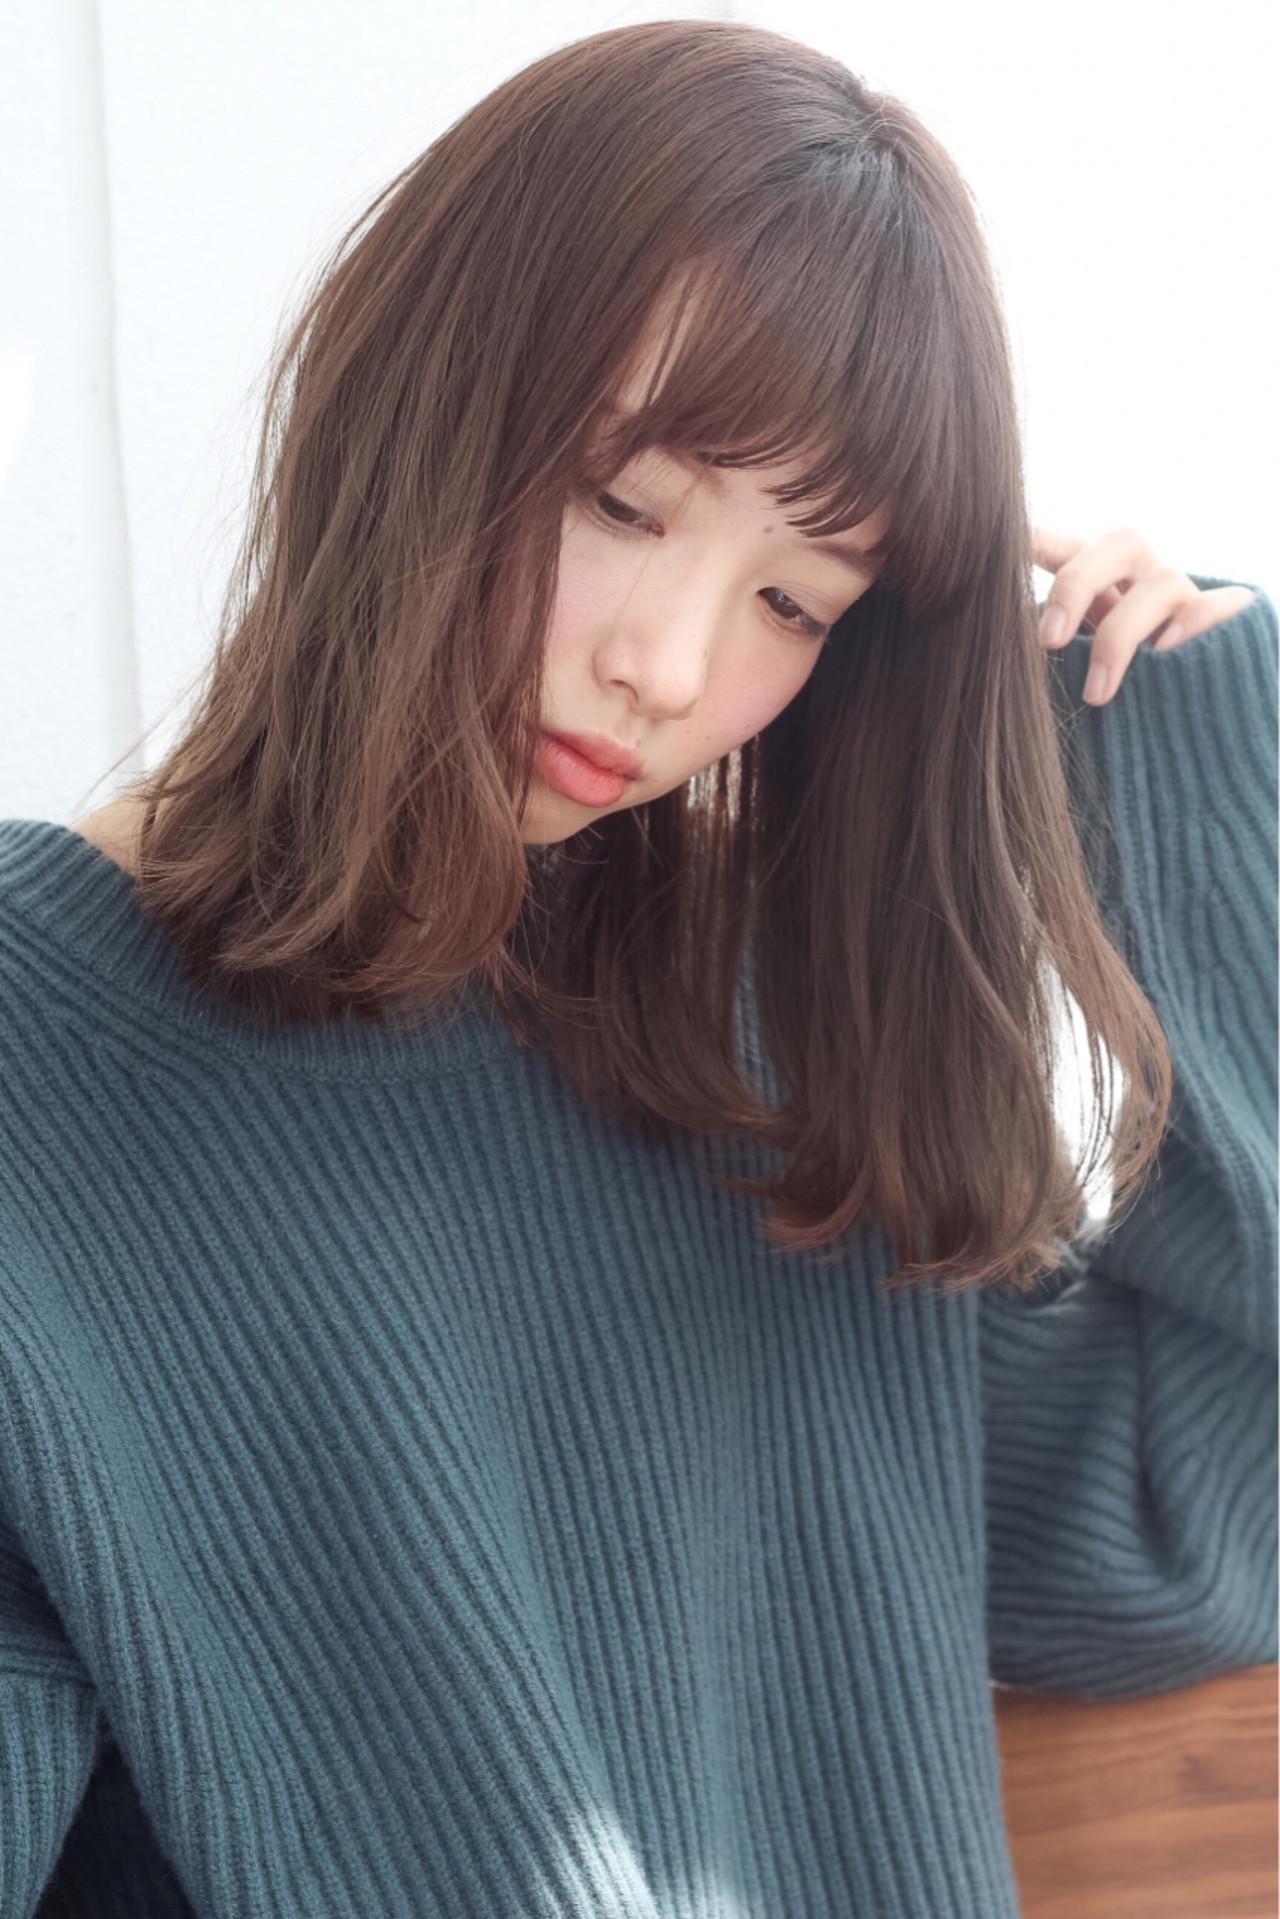 黒髪 大人女子 ガーリー 小顔 ヘアスタイルや髪型の写真・画像 | lora.garden 細田真吾 / lora.garden